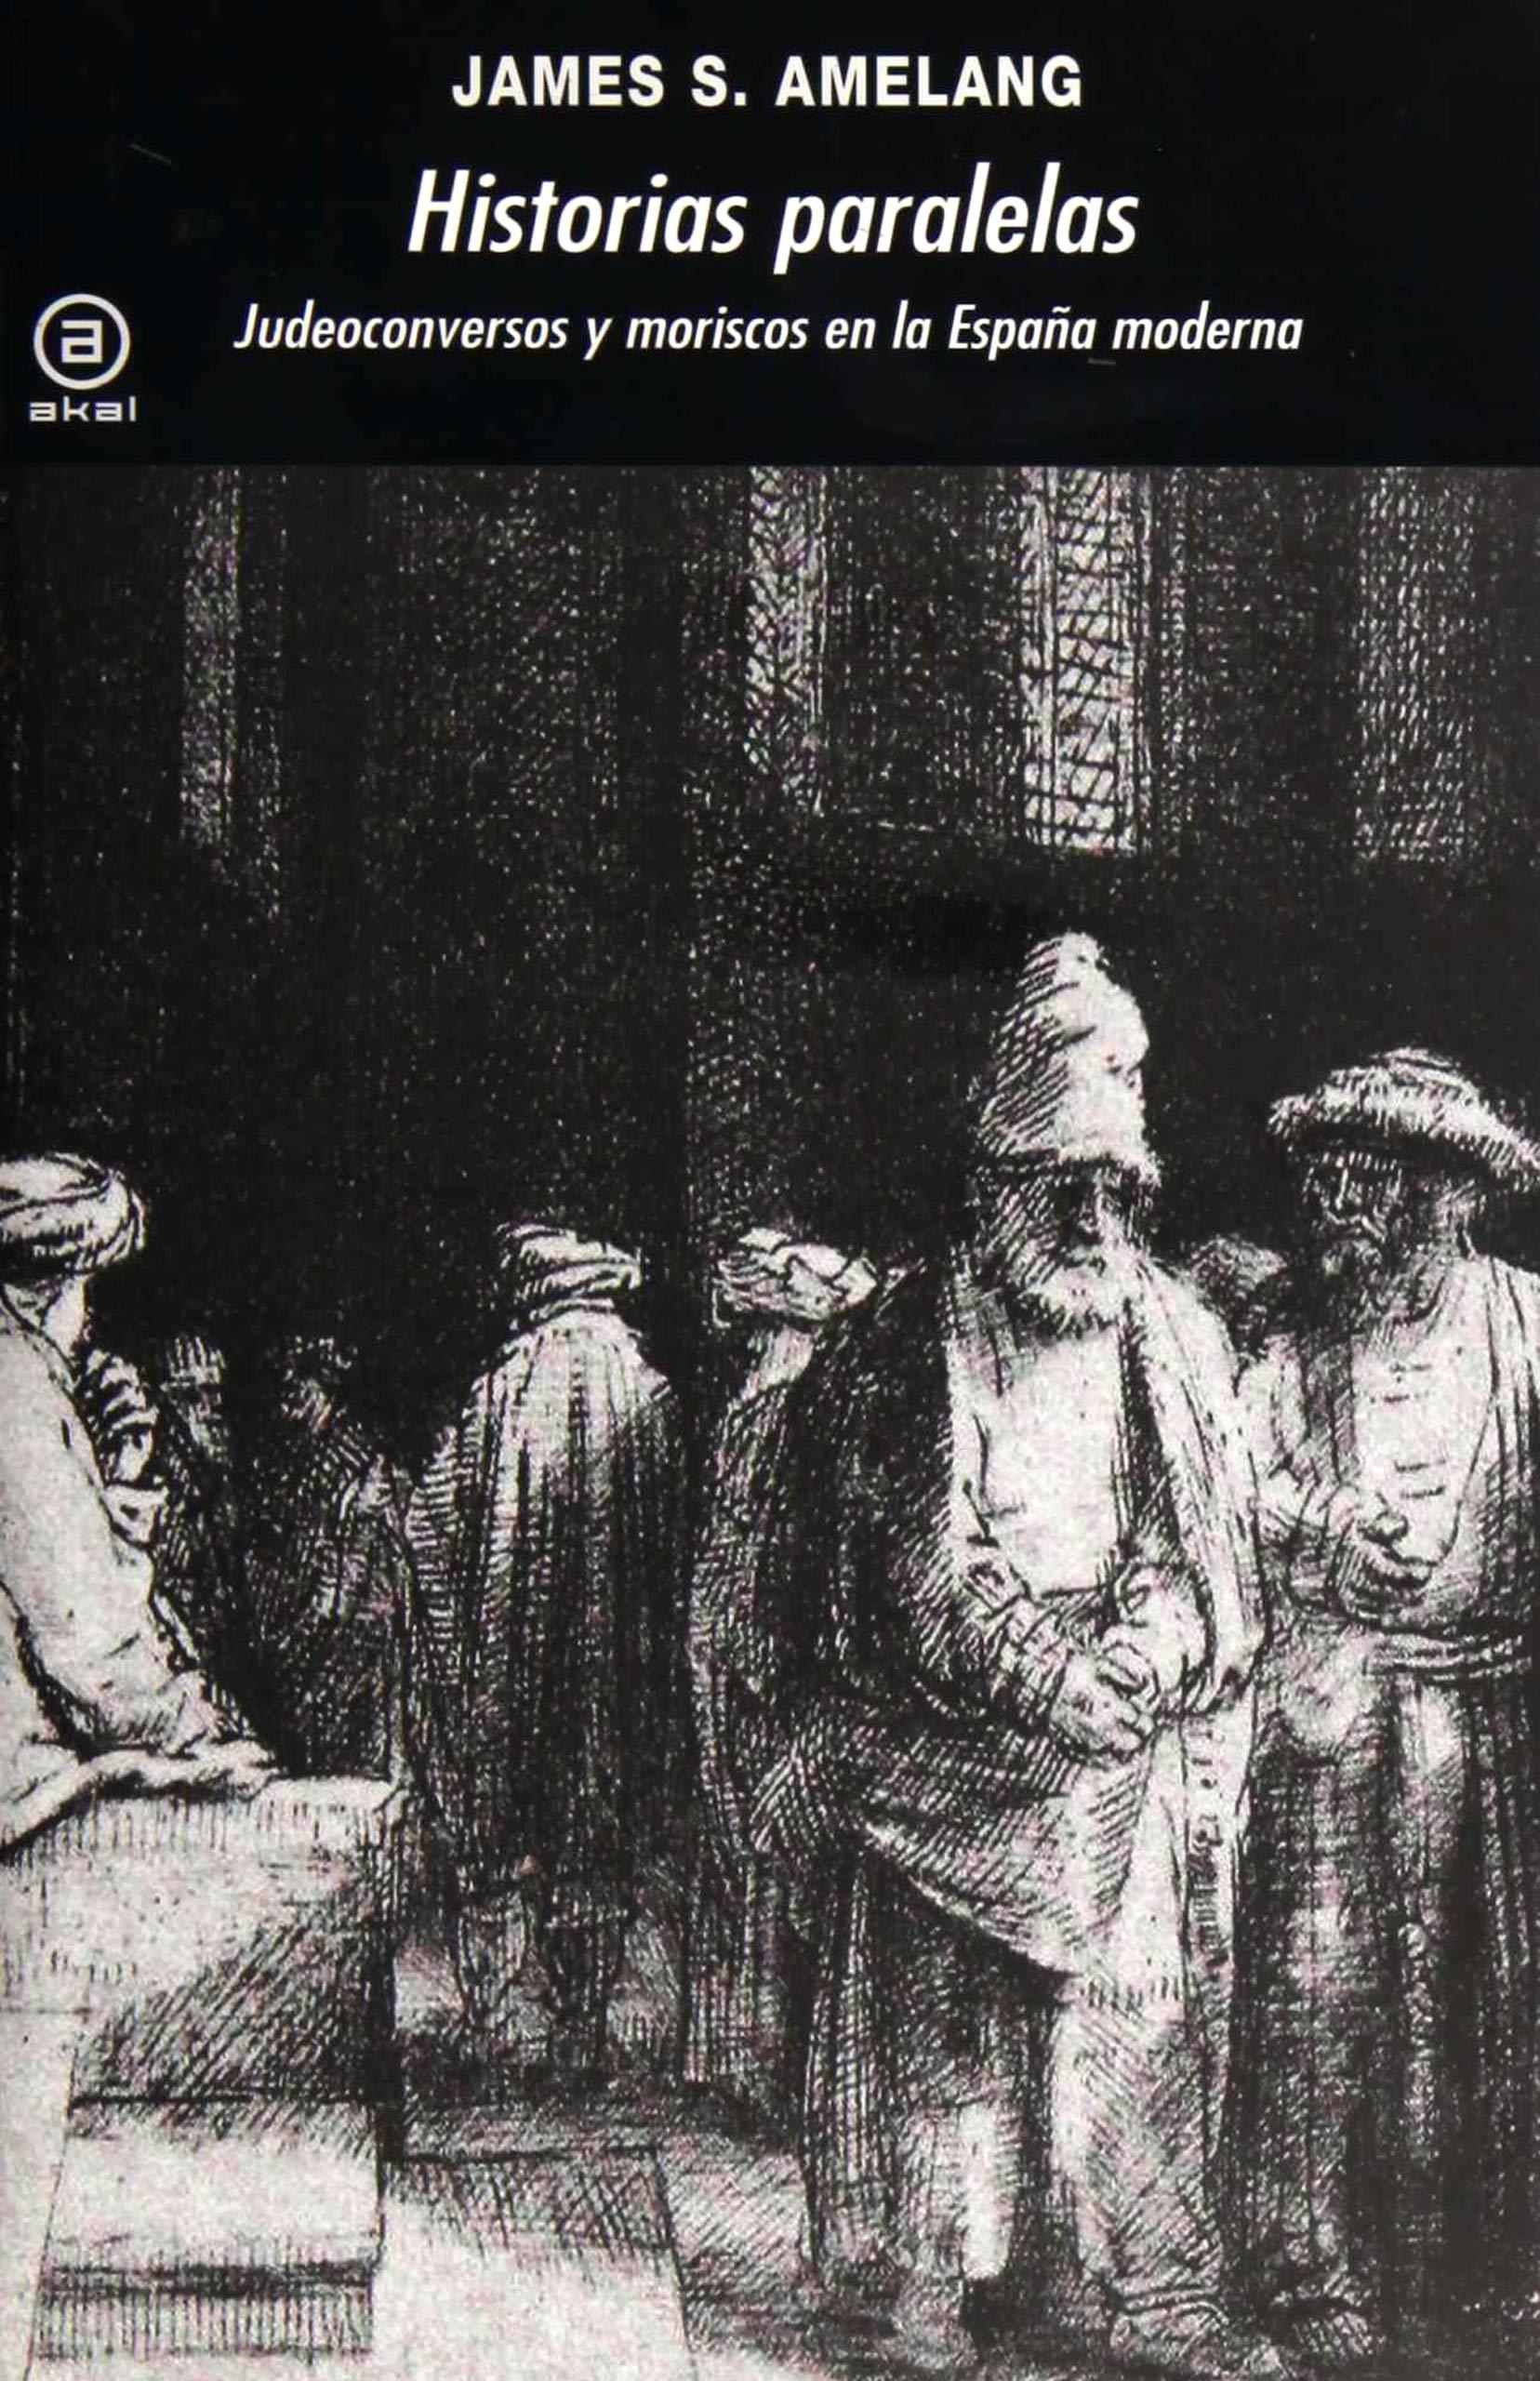 Historias paralelas: Judeoconversos y moriscos en la España moderna Universitaria: Amazon.es: Amelang, James S., Blasco Castiñeyra, Jaime: Libros